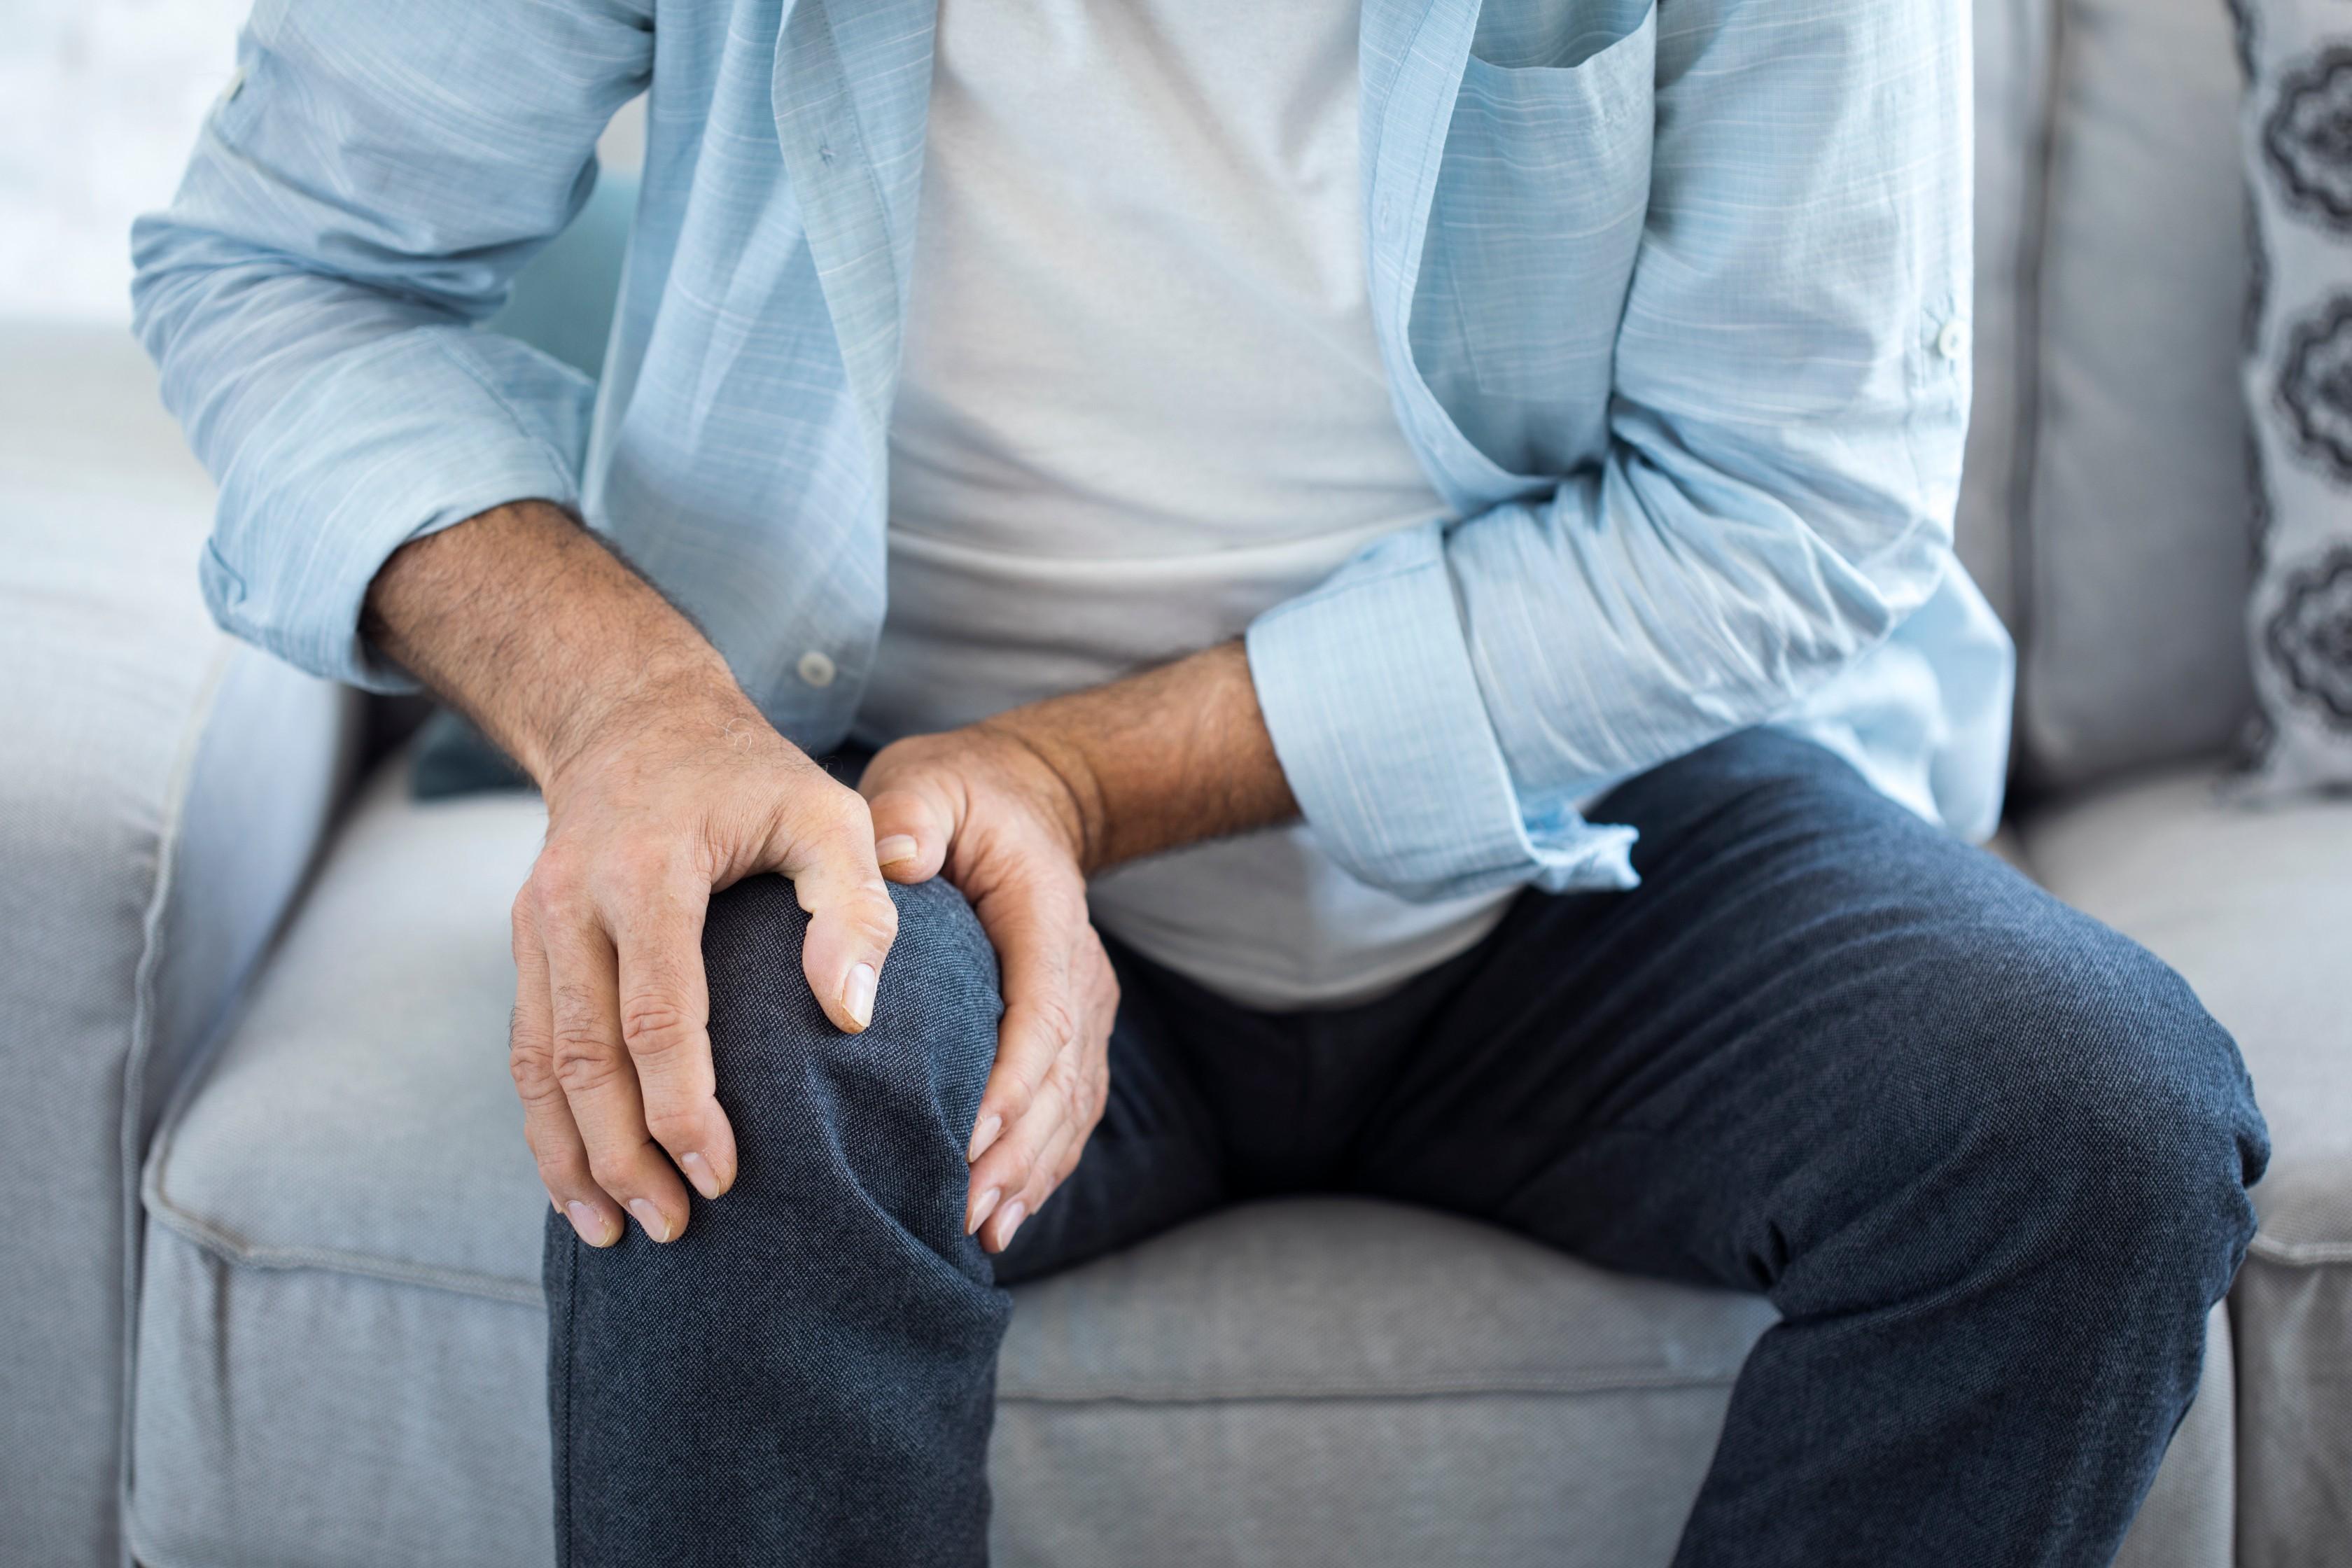 ízületi fájdalom mint probléma hogyan kezeljük az ízületet diszlokáció után